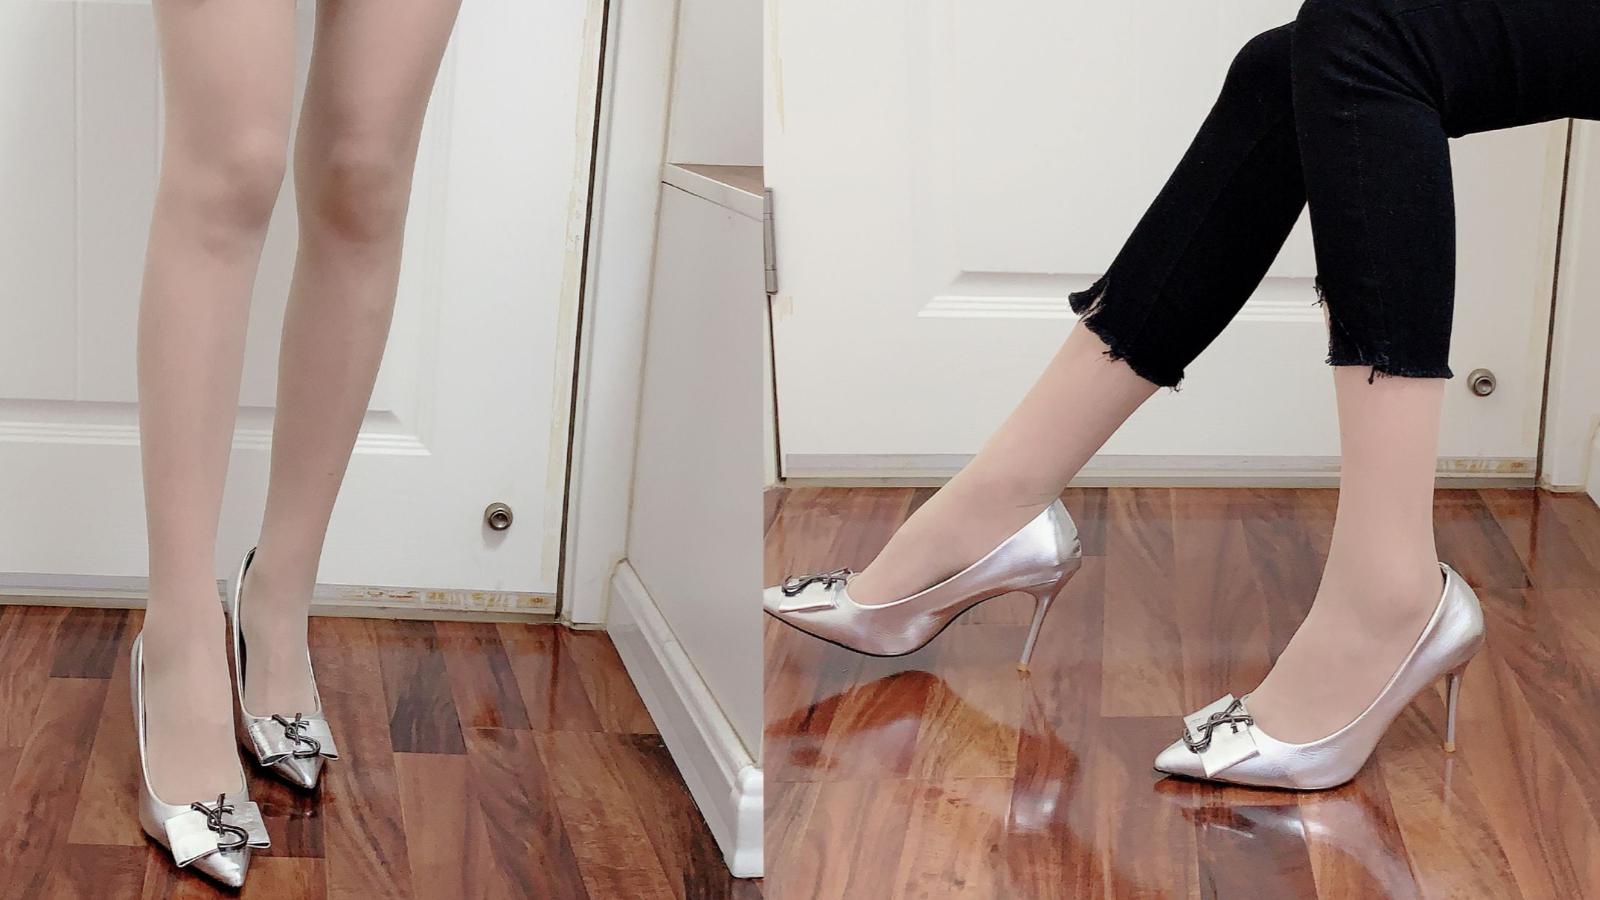 银色尖头高跟鞋,这么高的10厘米细跟,穿上非常舒服,非常好看